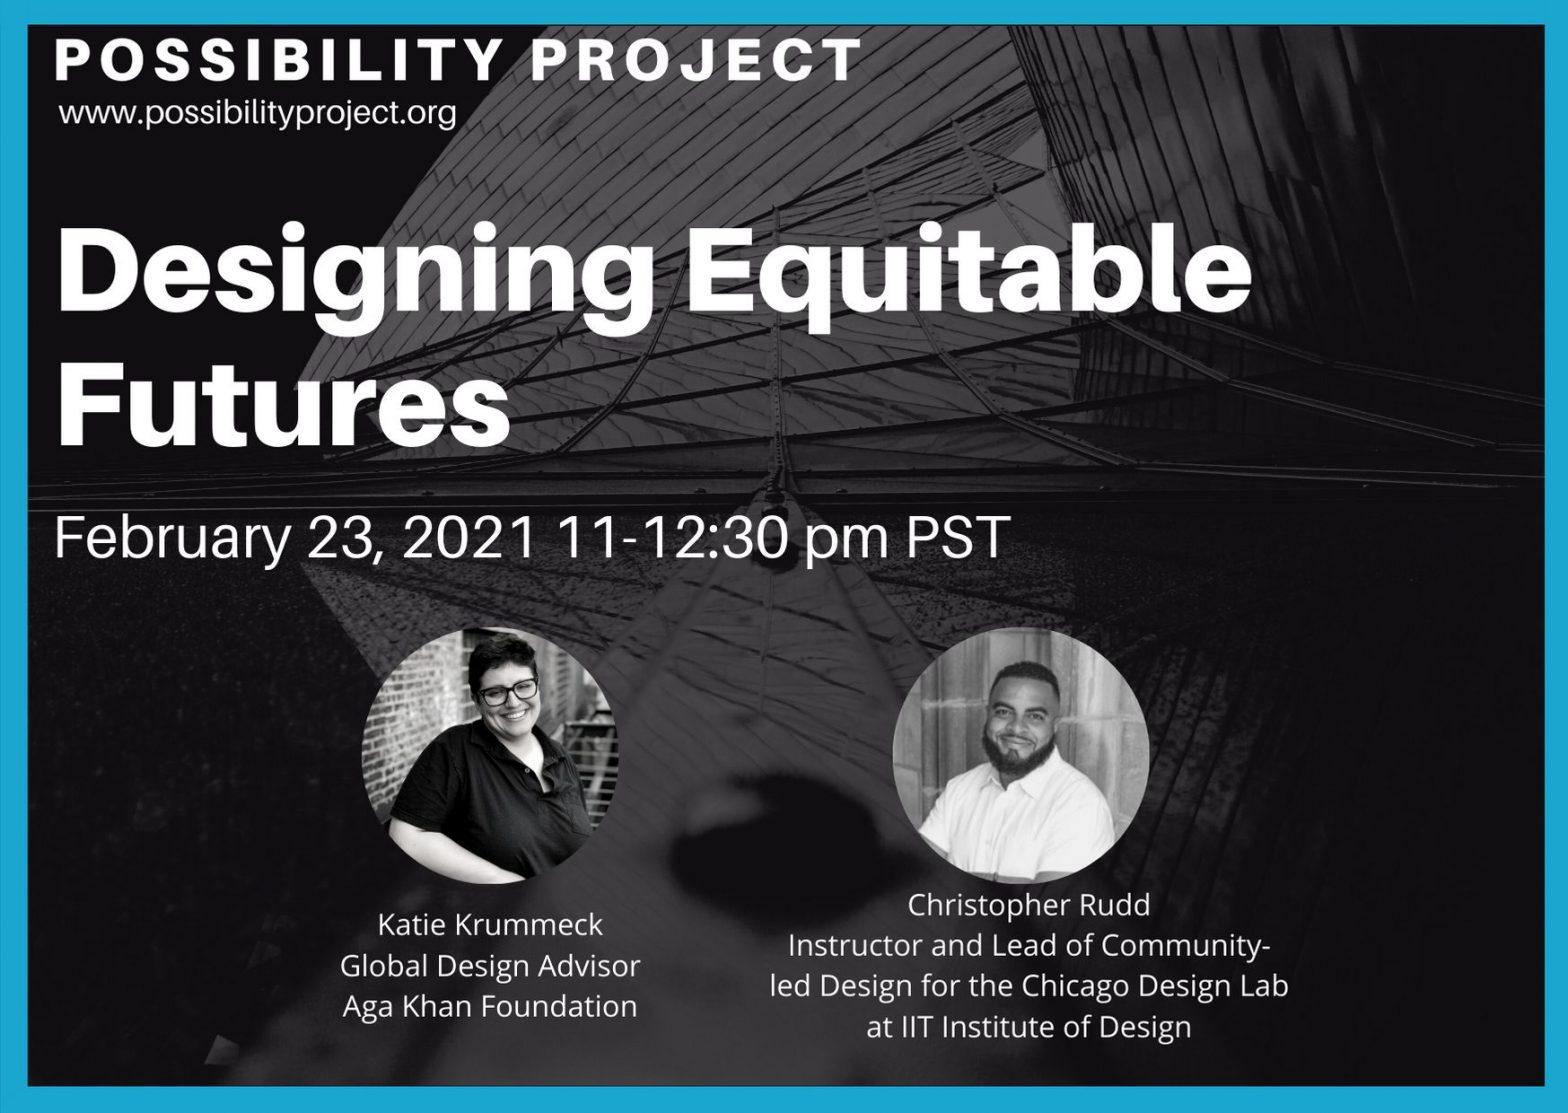 Designing Equitable Futures